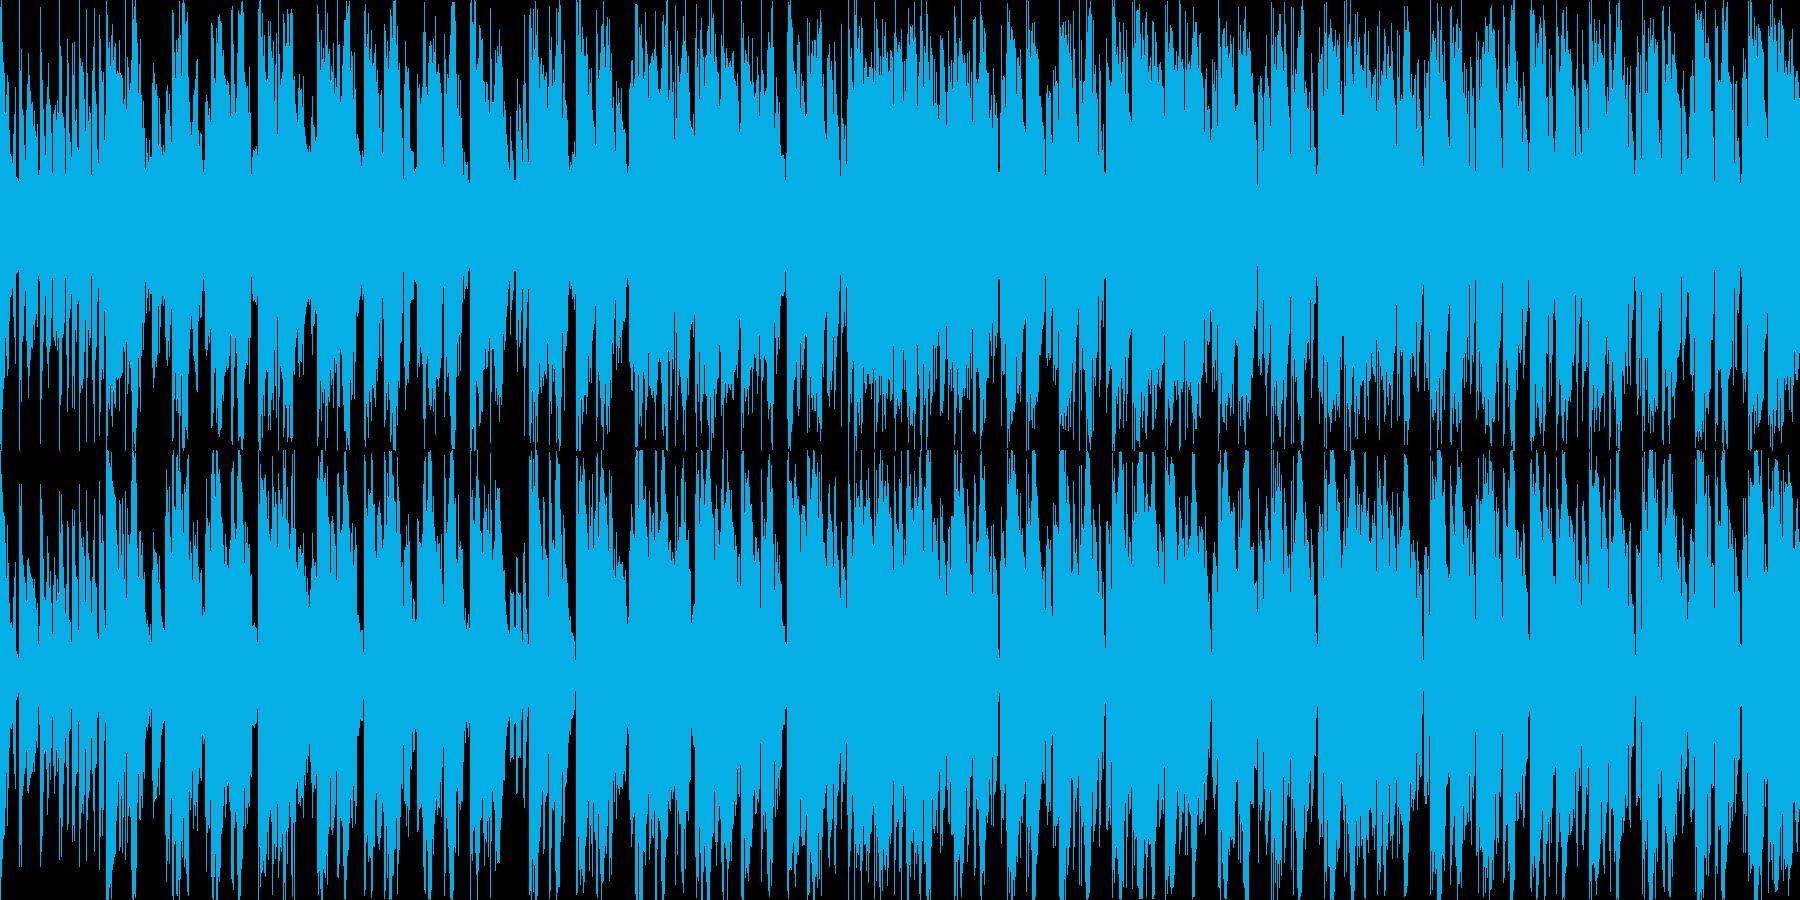 【BPM125】明るい雰囲気のエレクトロの再生済みの波形